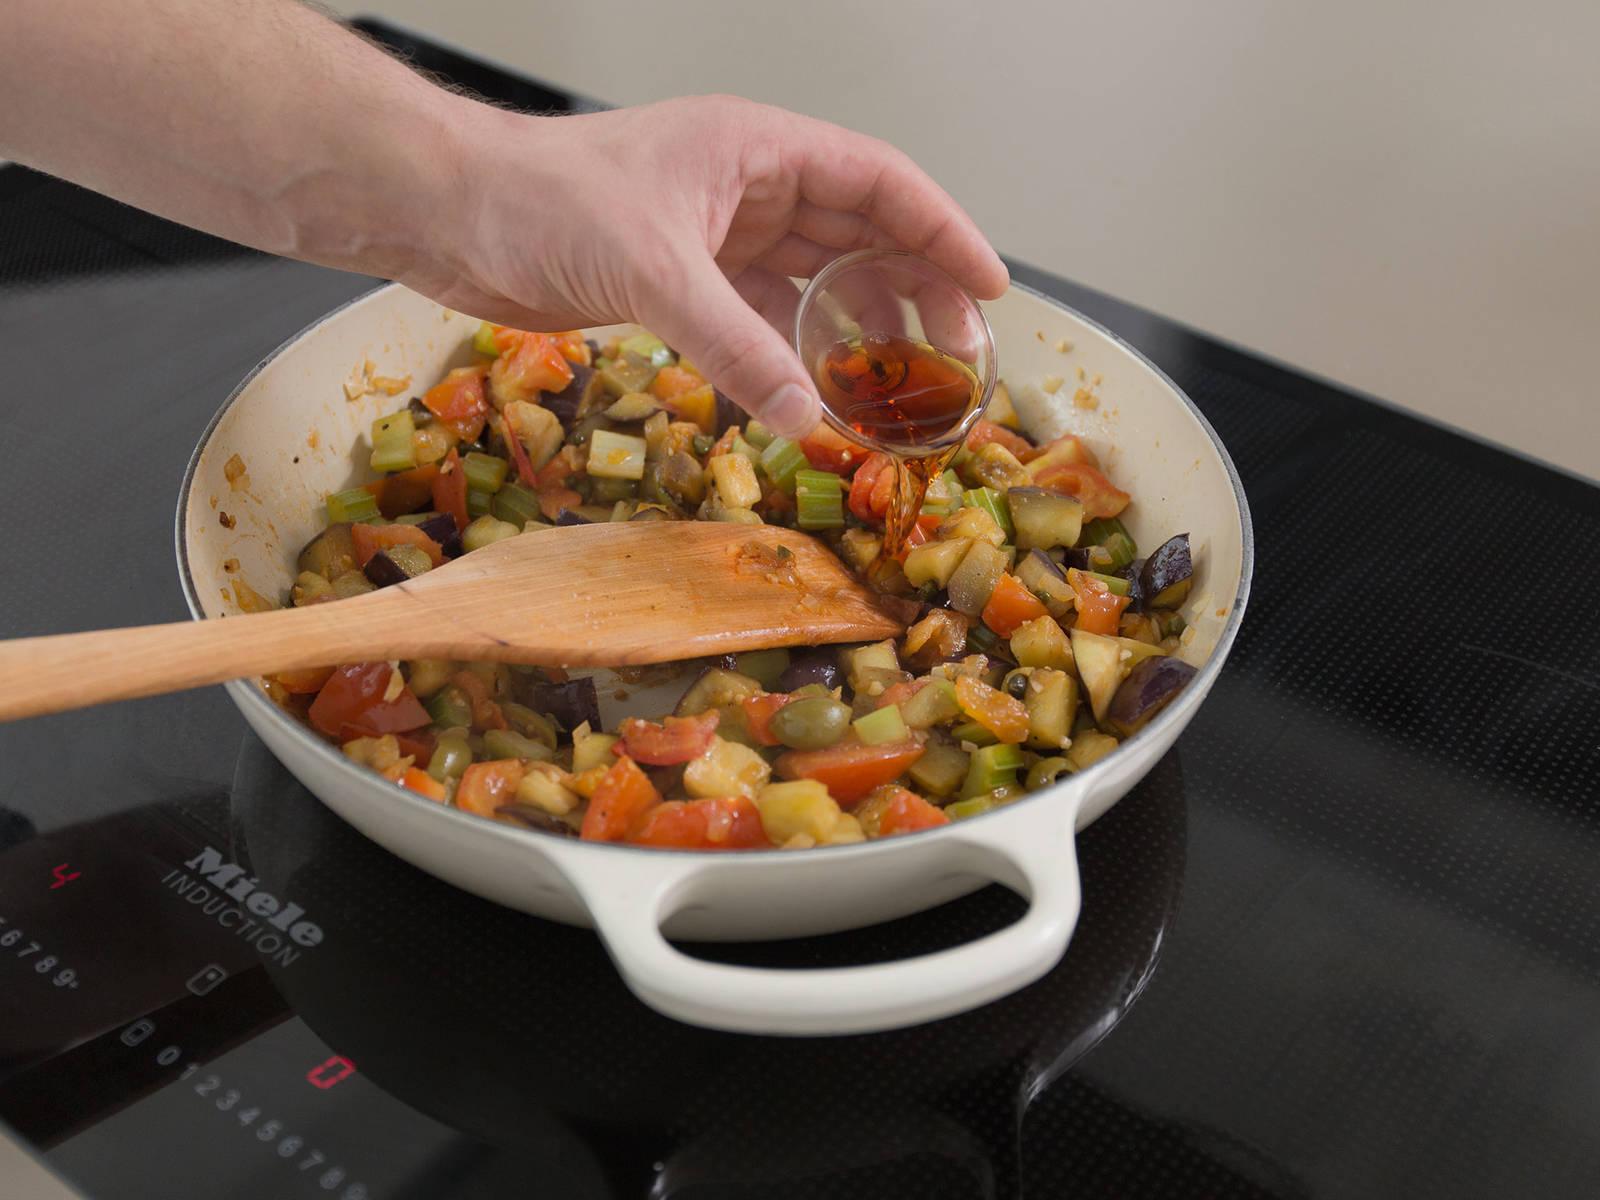 Aubergine zur Tomatensoße geben und vermengen. Rotweinessig dazugeben und ca. 10 Min. weiterköcheln lassen. Mit Salz und Pfeffer abschmecken und mit Basilikum, gerösteten Pinienkernen und Olivenöl servieren. Guten Appetit!